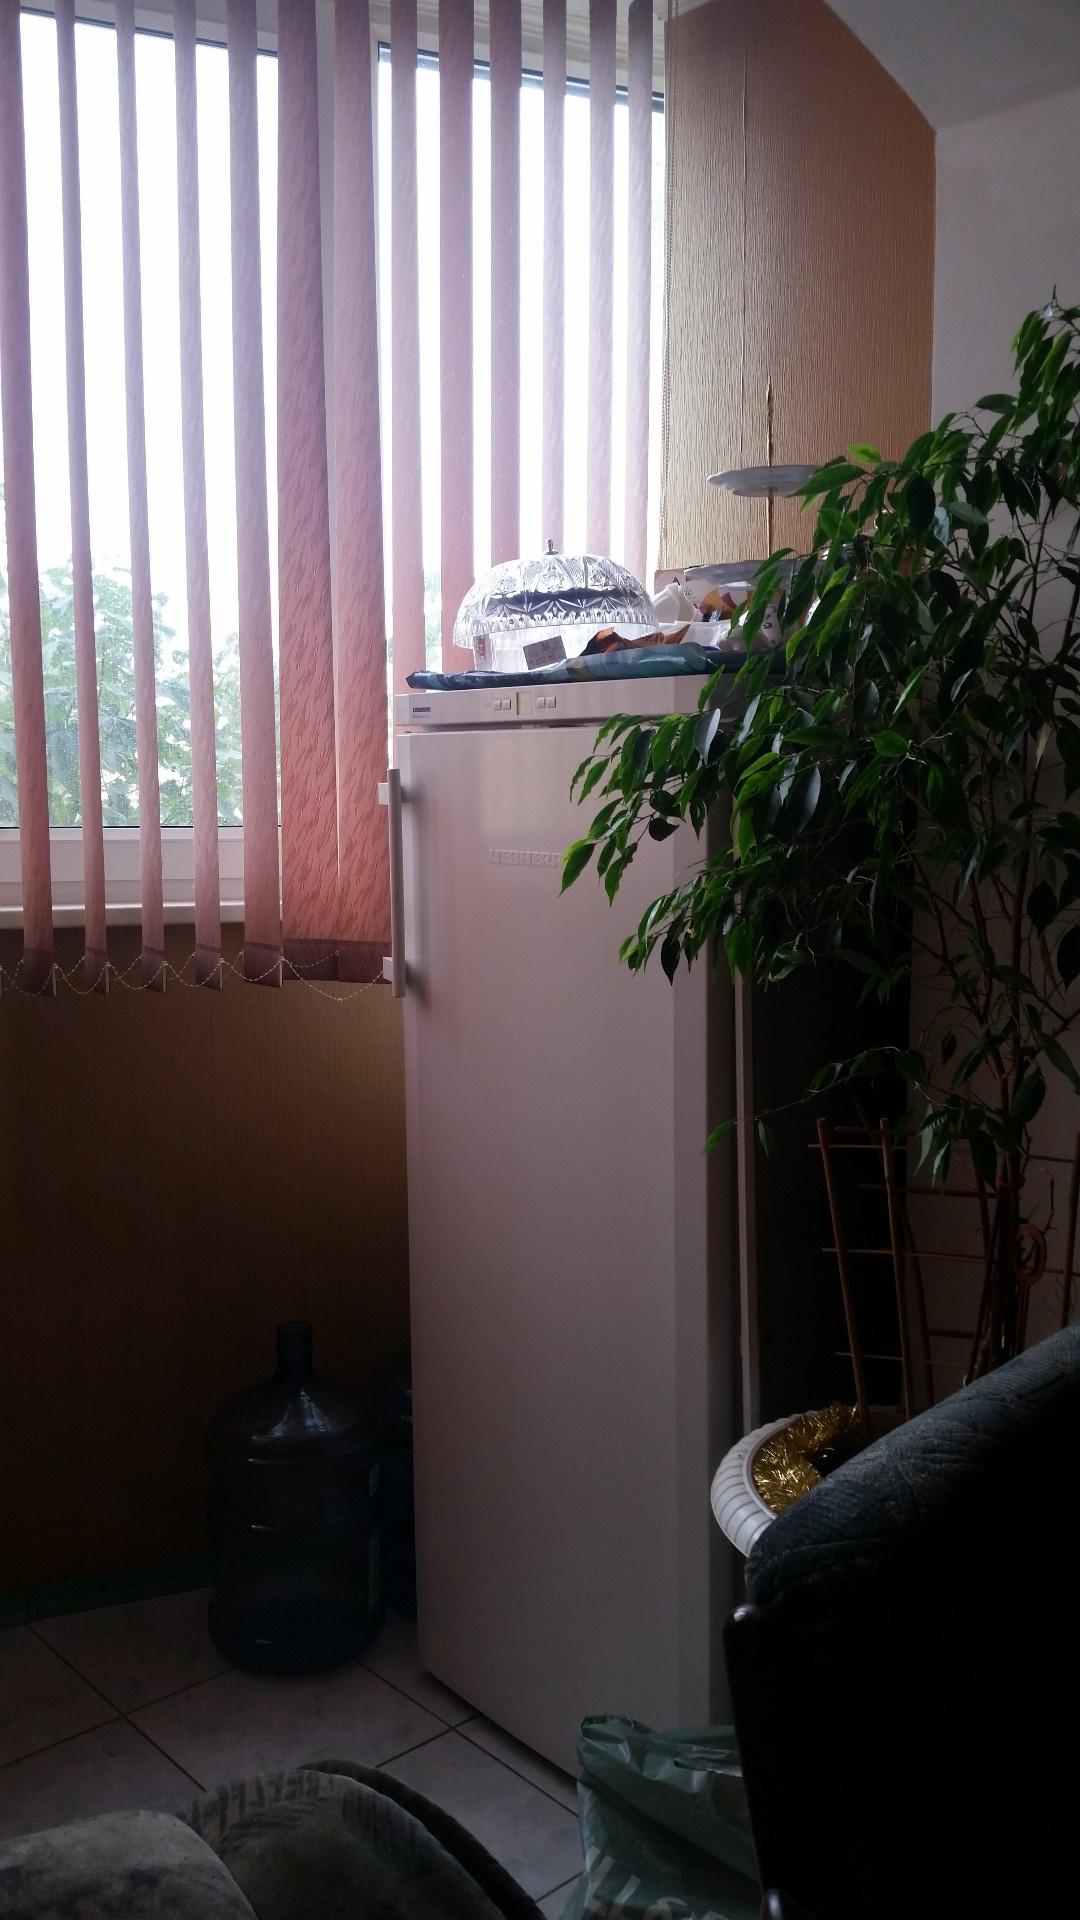 Продается 4-комнатная Квартира на ул. Королева Ак. — 65 000 у.е. (фото №5)